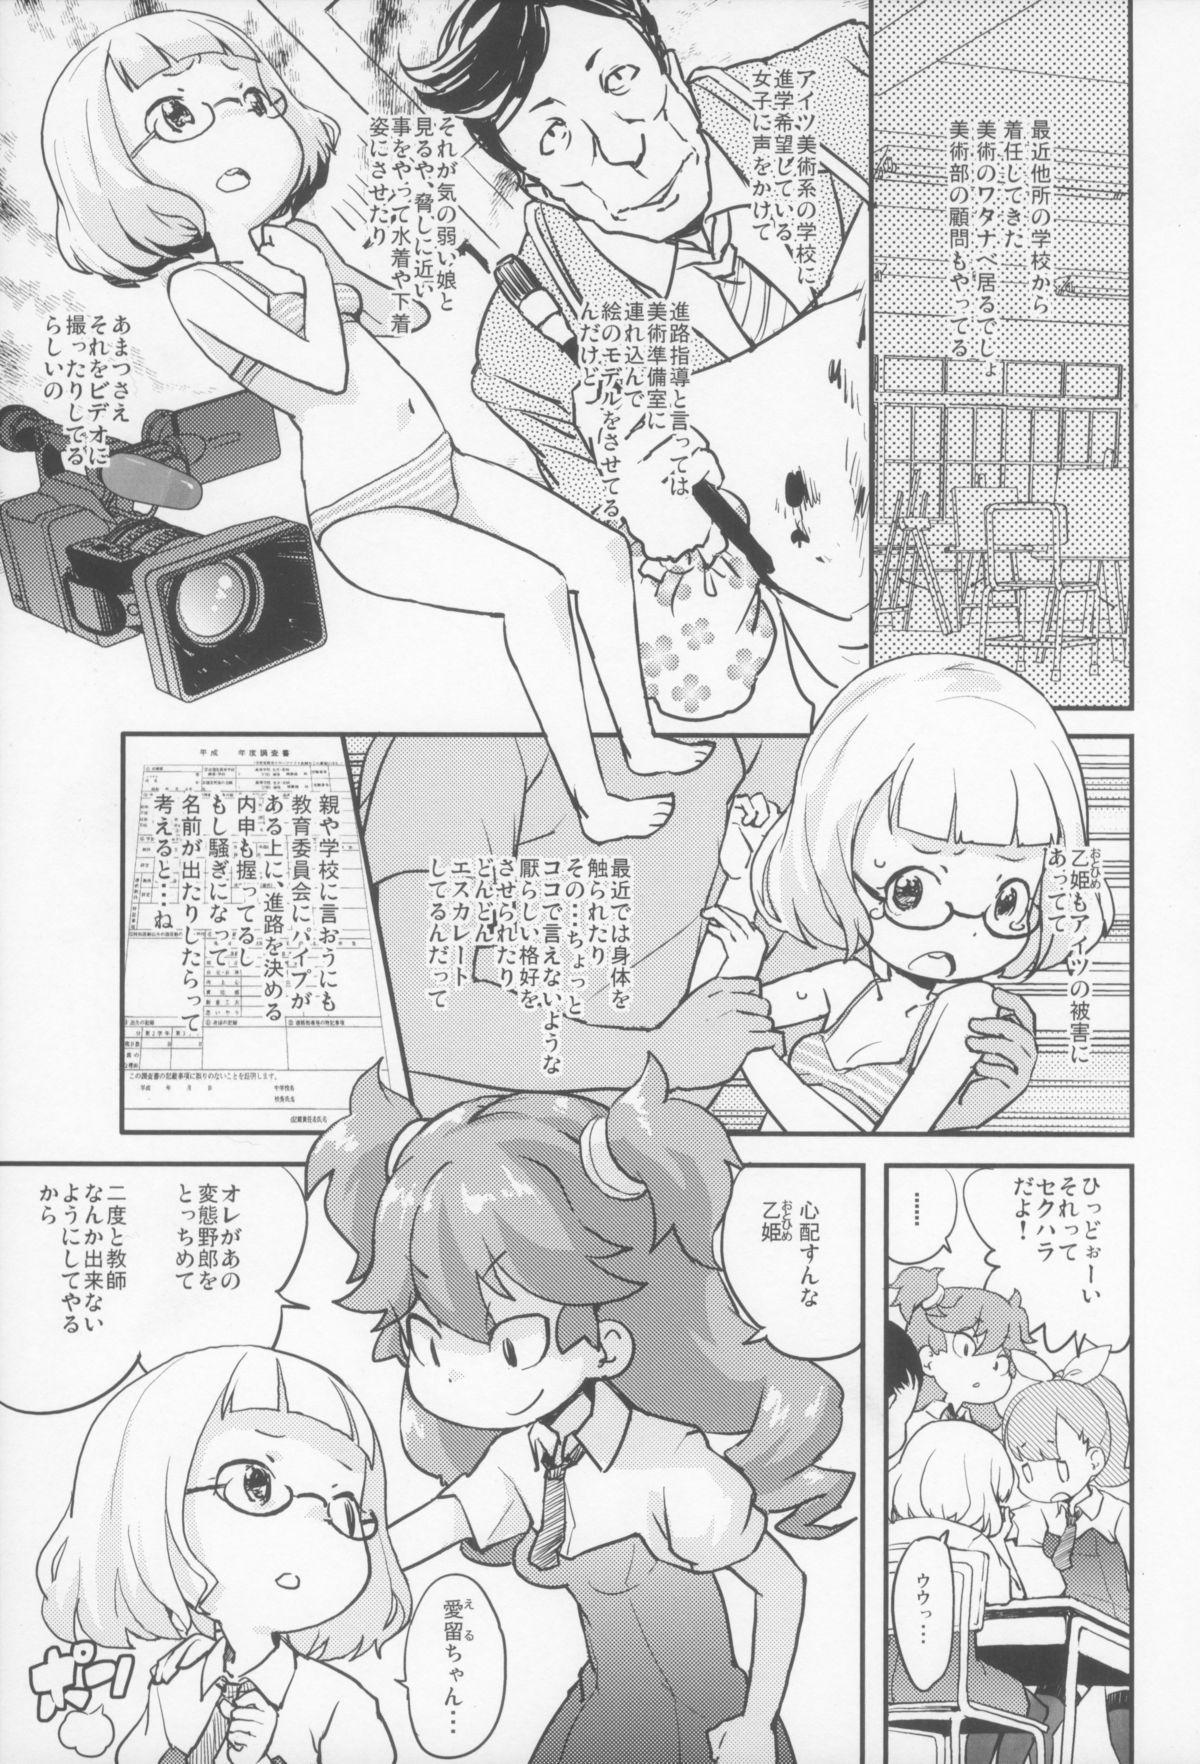 eru-shichi 6